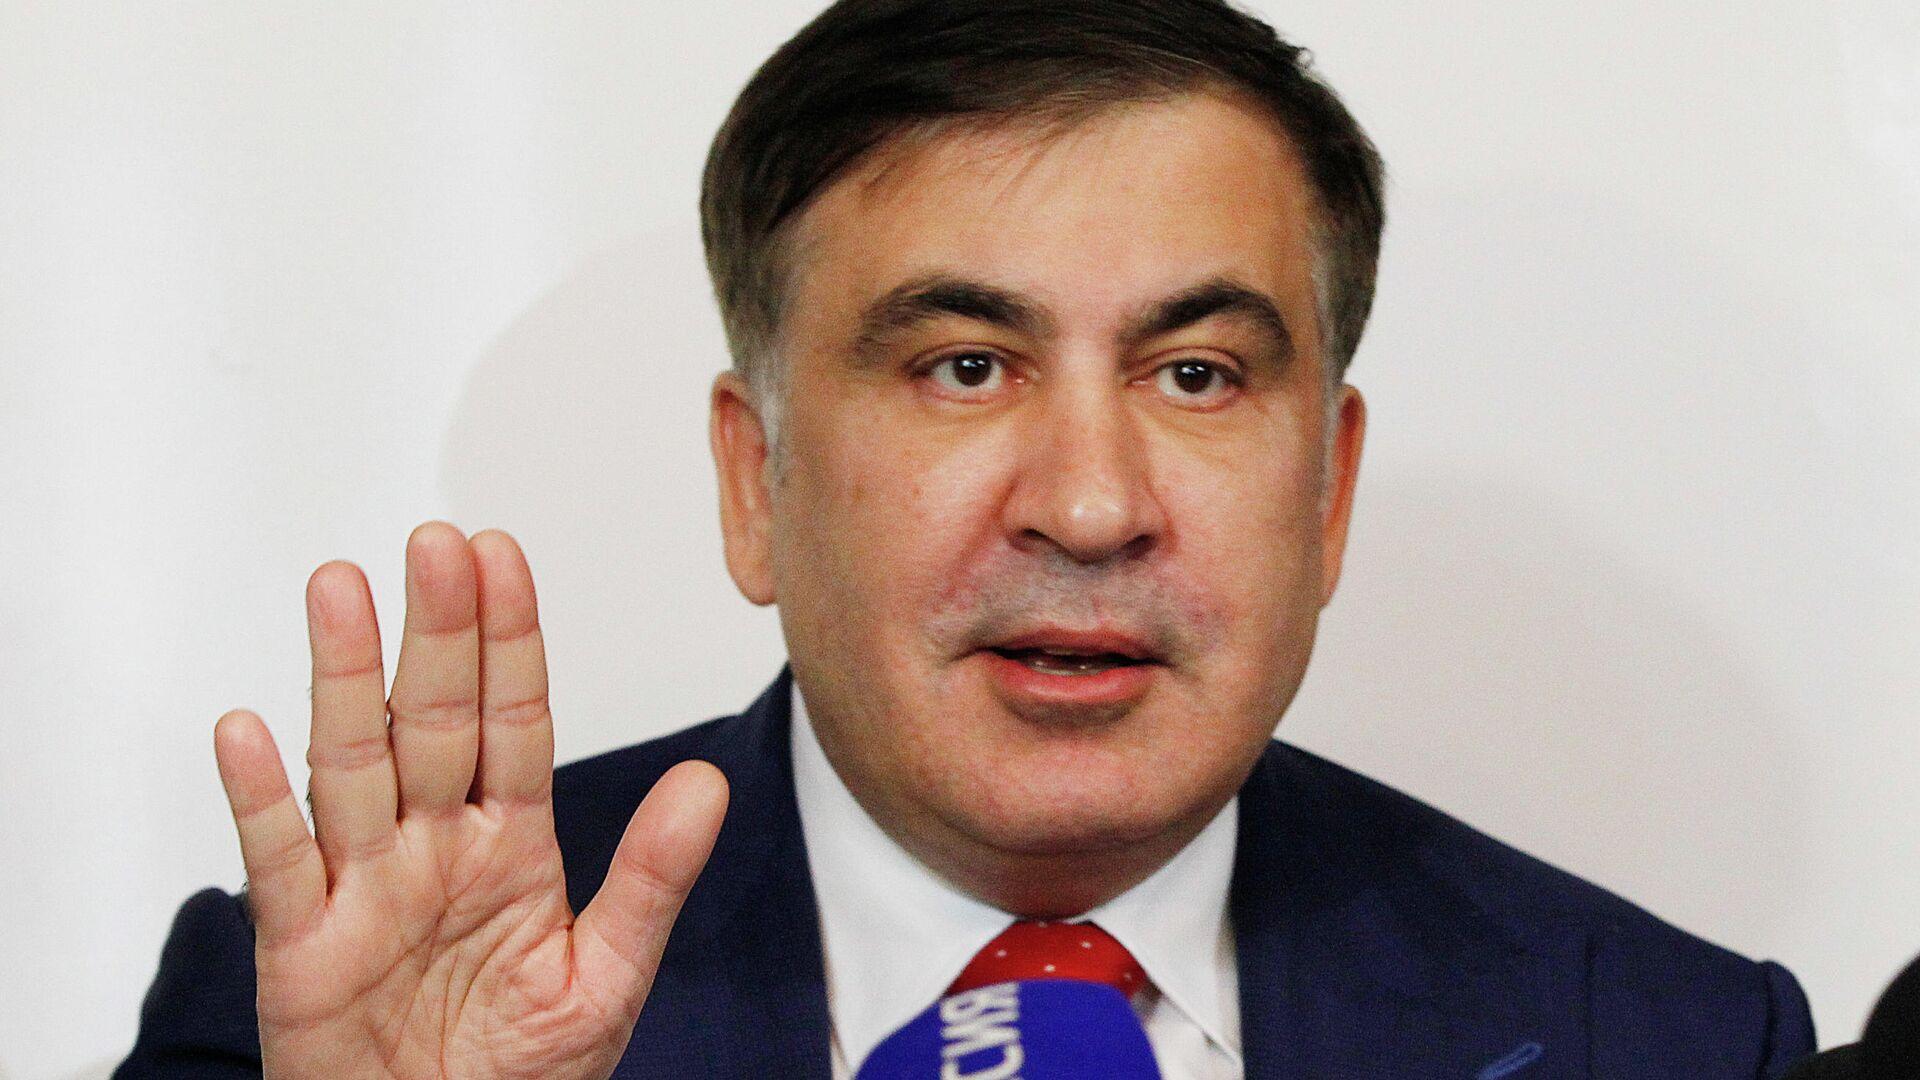 Михаил Саакашвили во время беседы с журналистами - РИА Новости, 1920, 26.07.2021